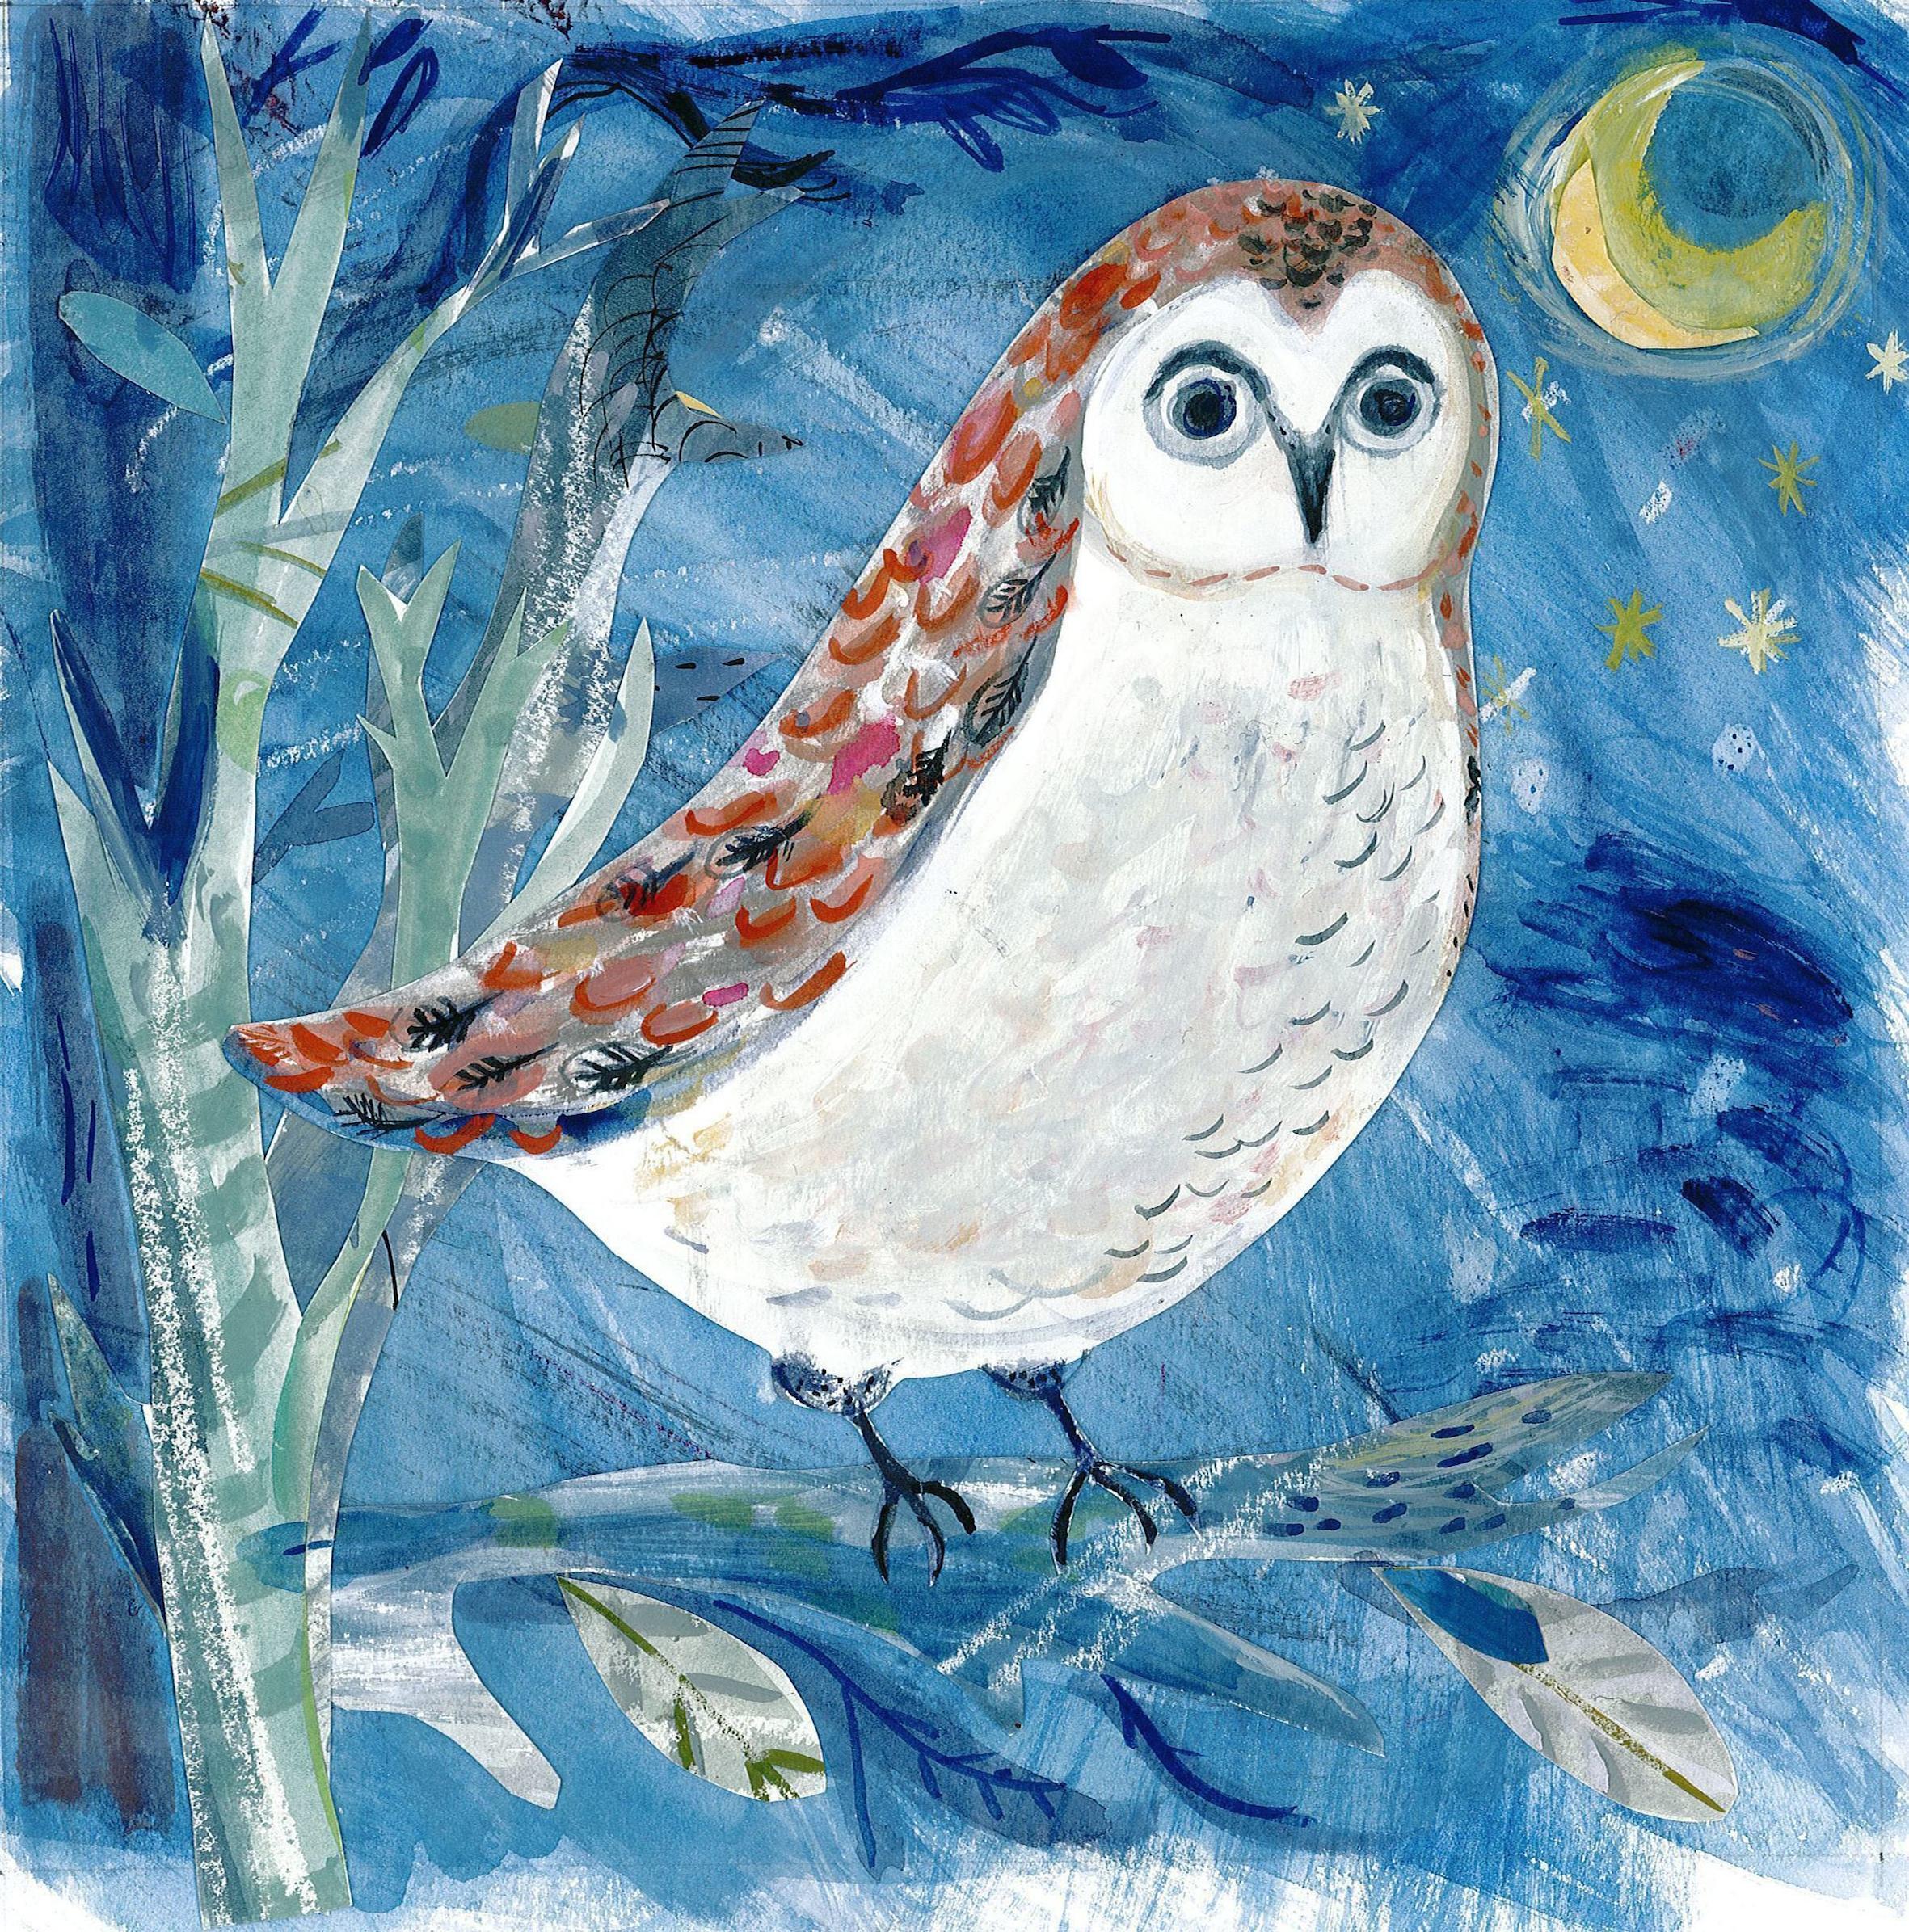 Night Owl  mixed media  30 x 30cm  £180 framed